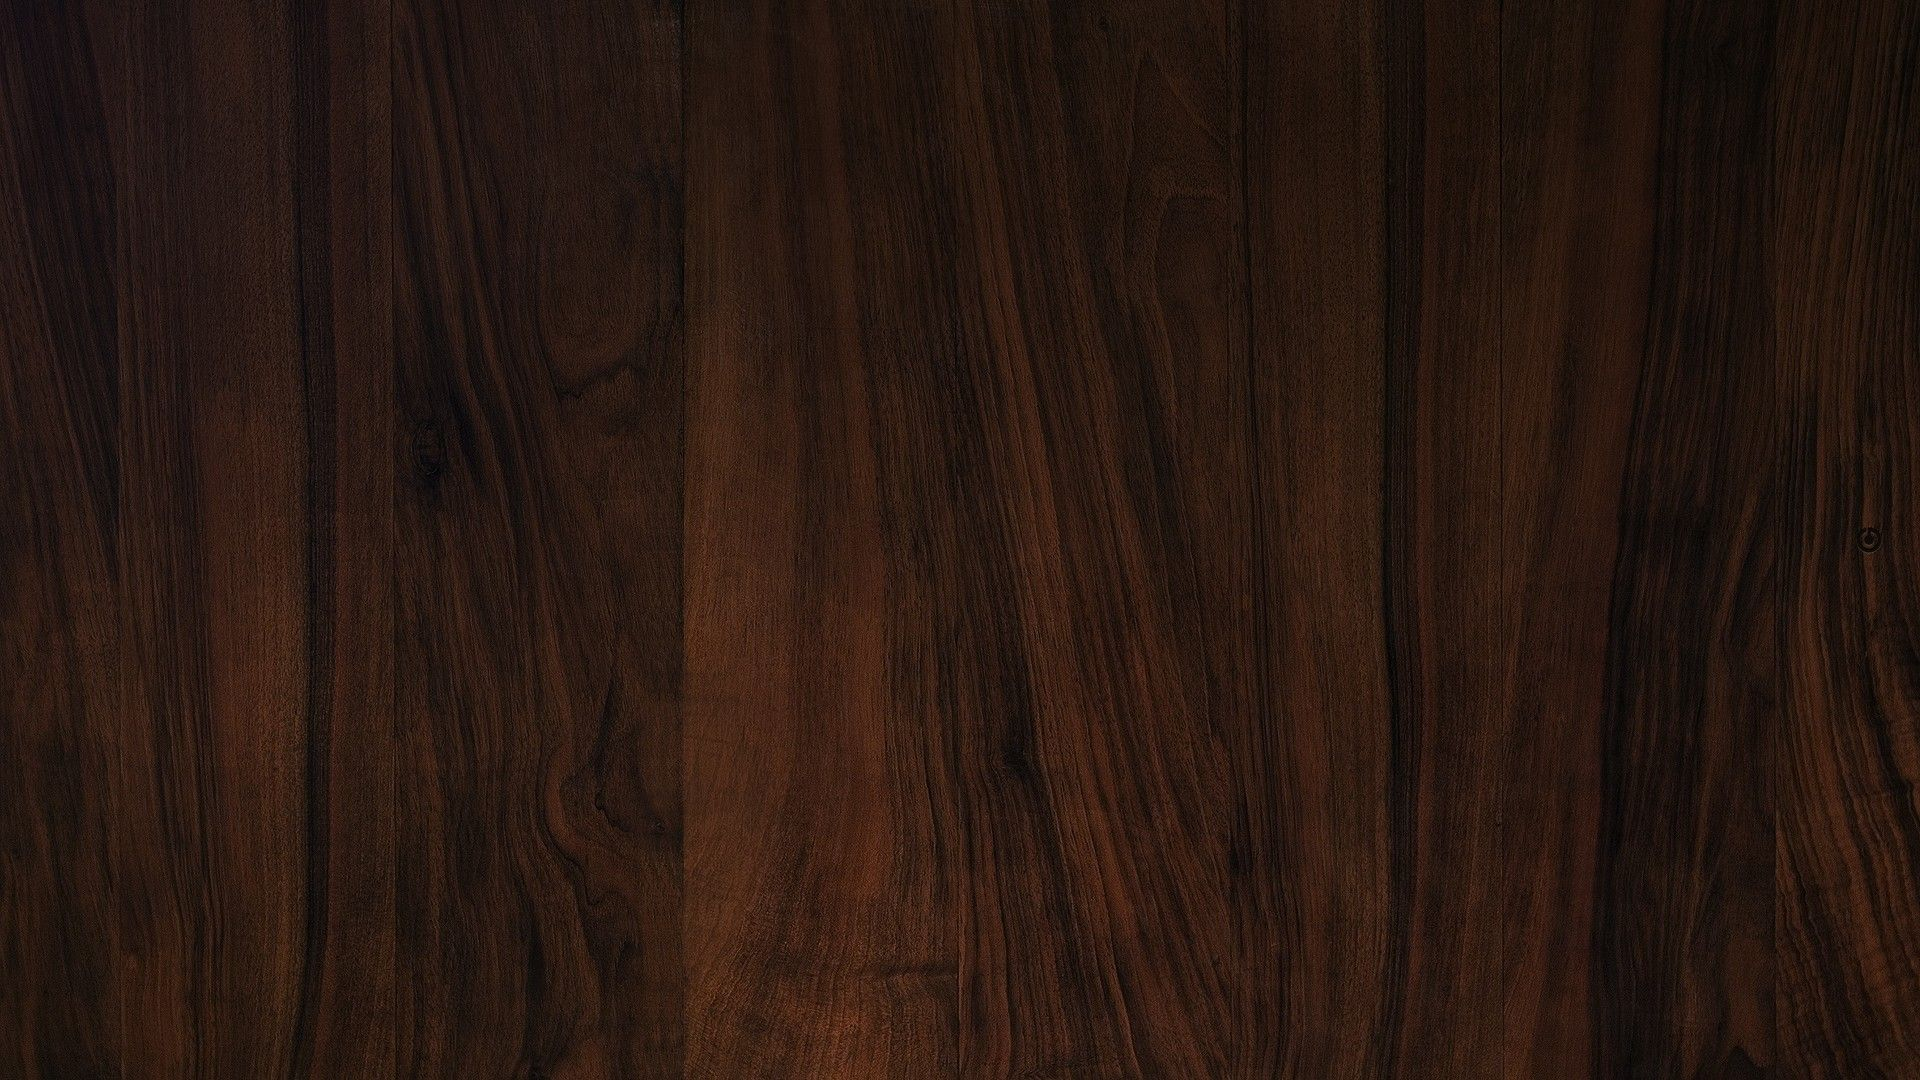 dark brown hardwood floor texture. Dark Wood Texture - Поиск в Google Brown Hardwood Floor